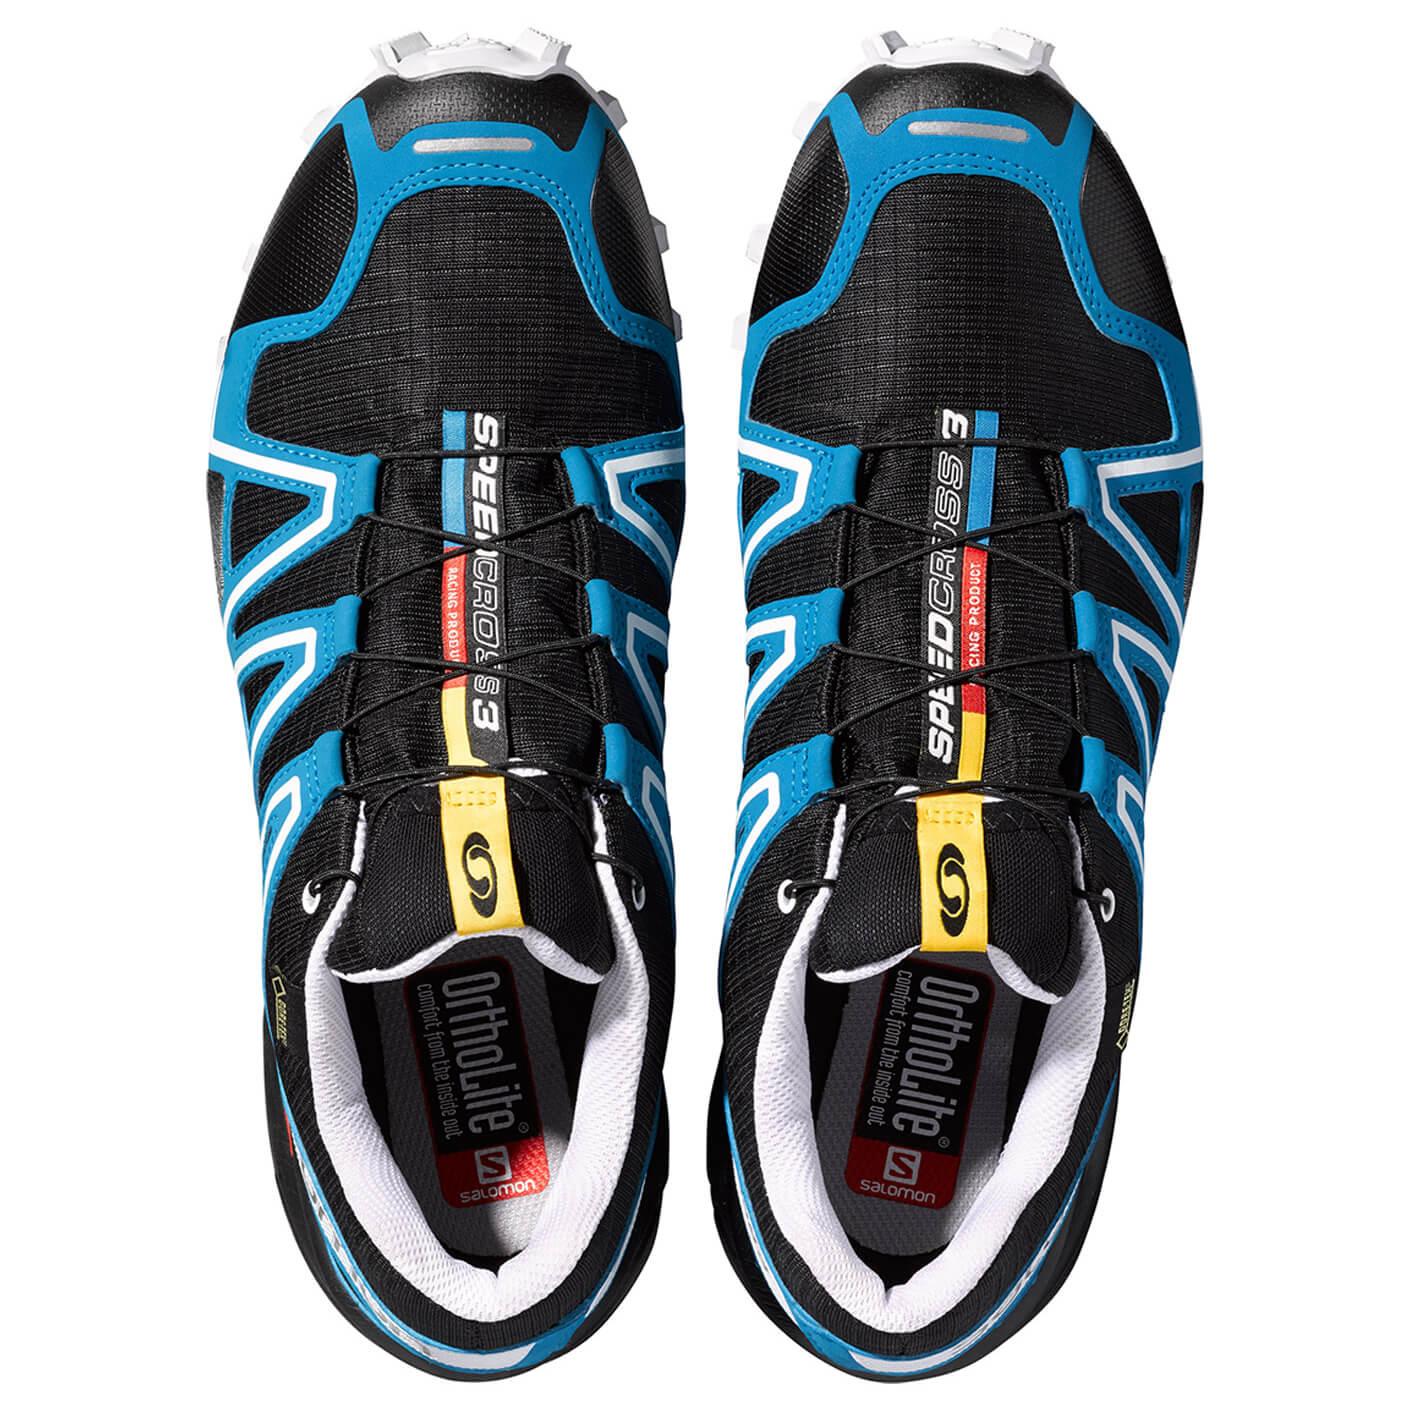 Salomon Speedcross 3 GTX Skor trailrunning